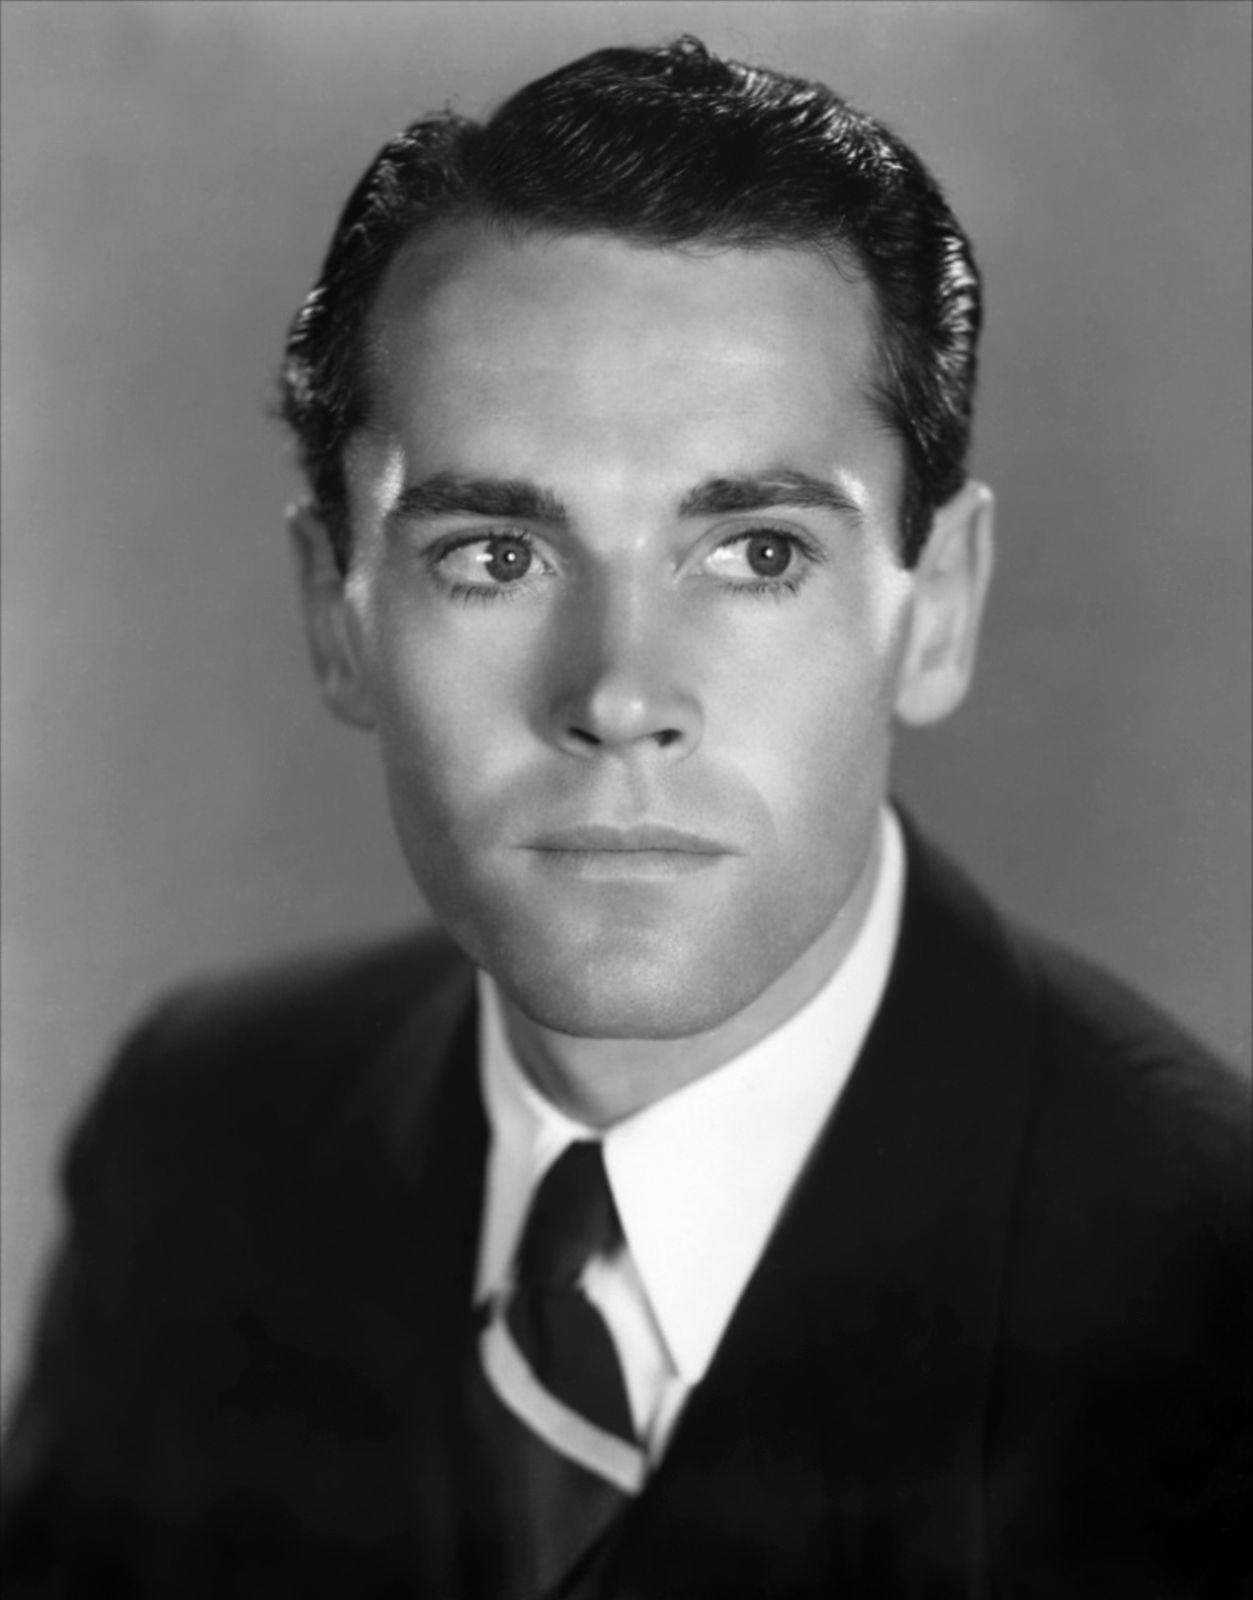 henry fonda actor